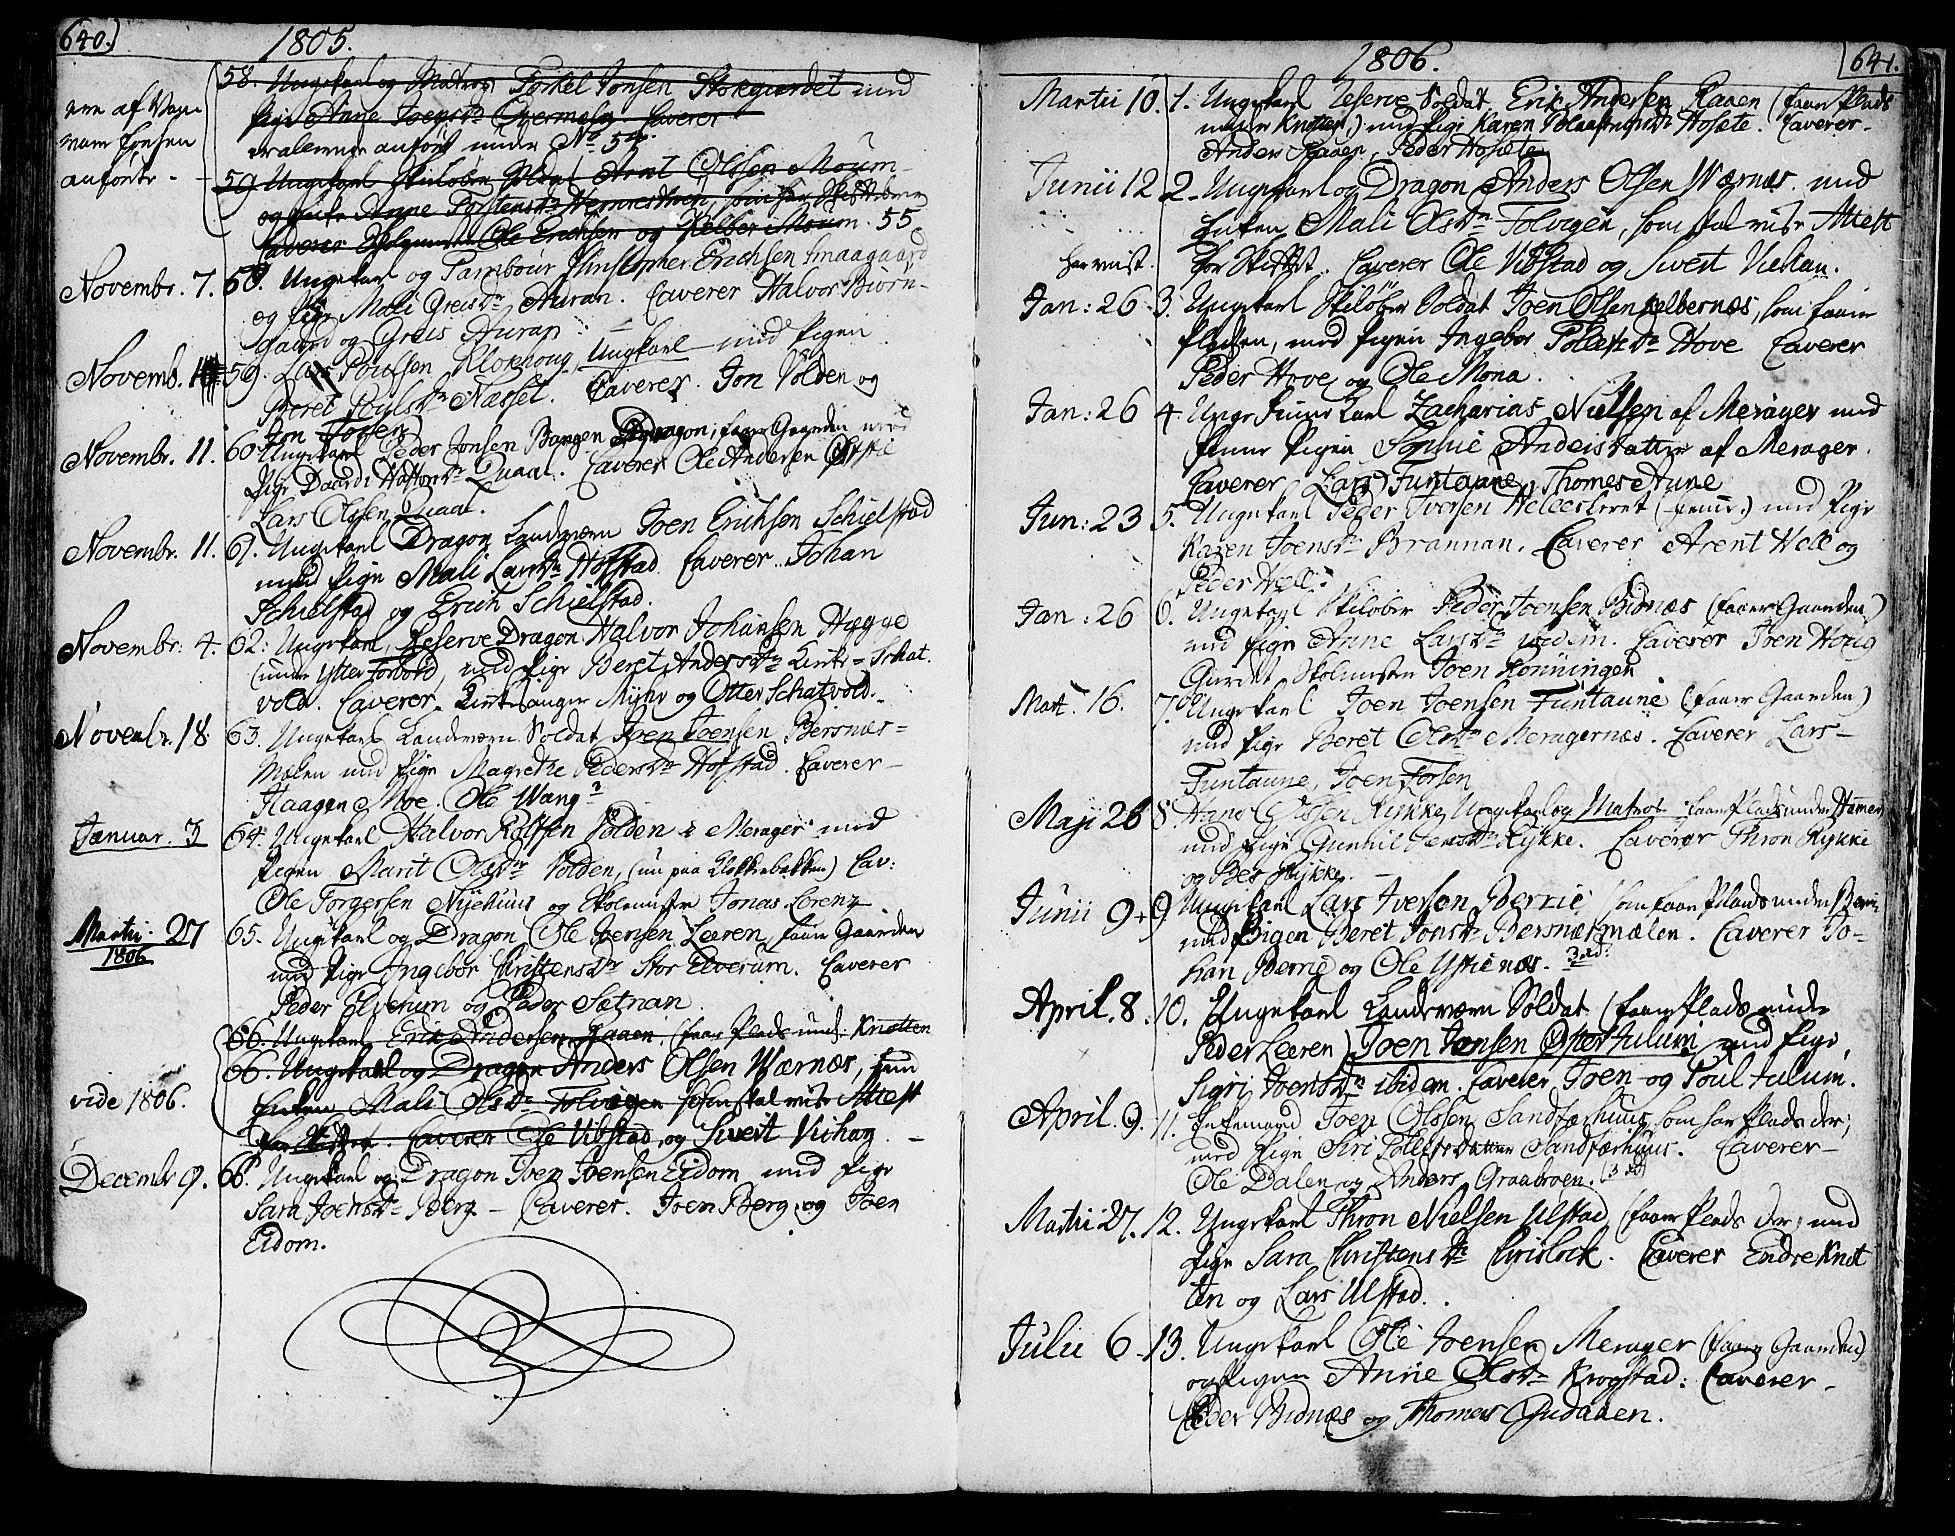 SAT, Ministerialprotokoller, klokkerbøker og fødselsregistre - Nord-Trøndelag, 709/L0060: Ministerialbok nr. 709A07, 1797-1815, s. 640-641